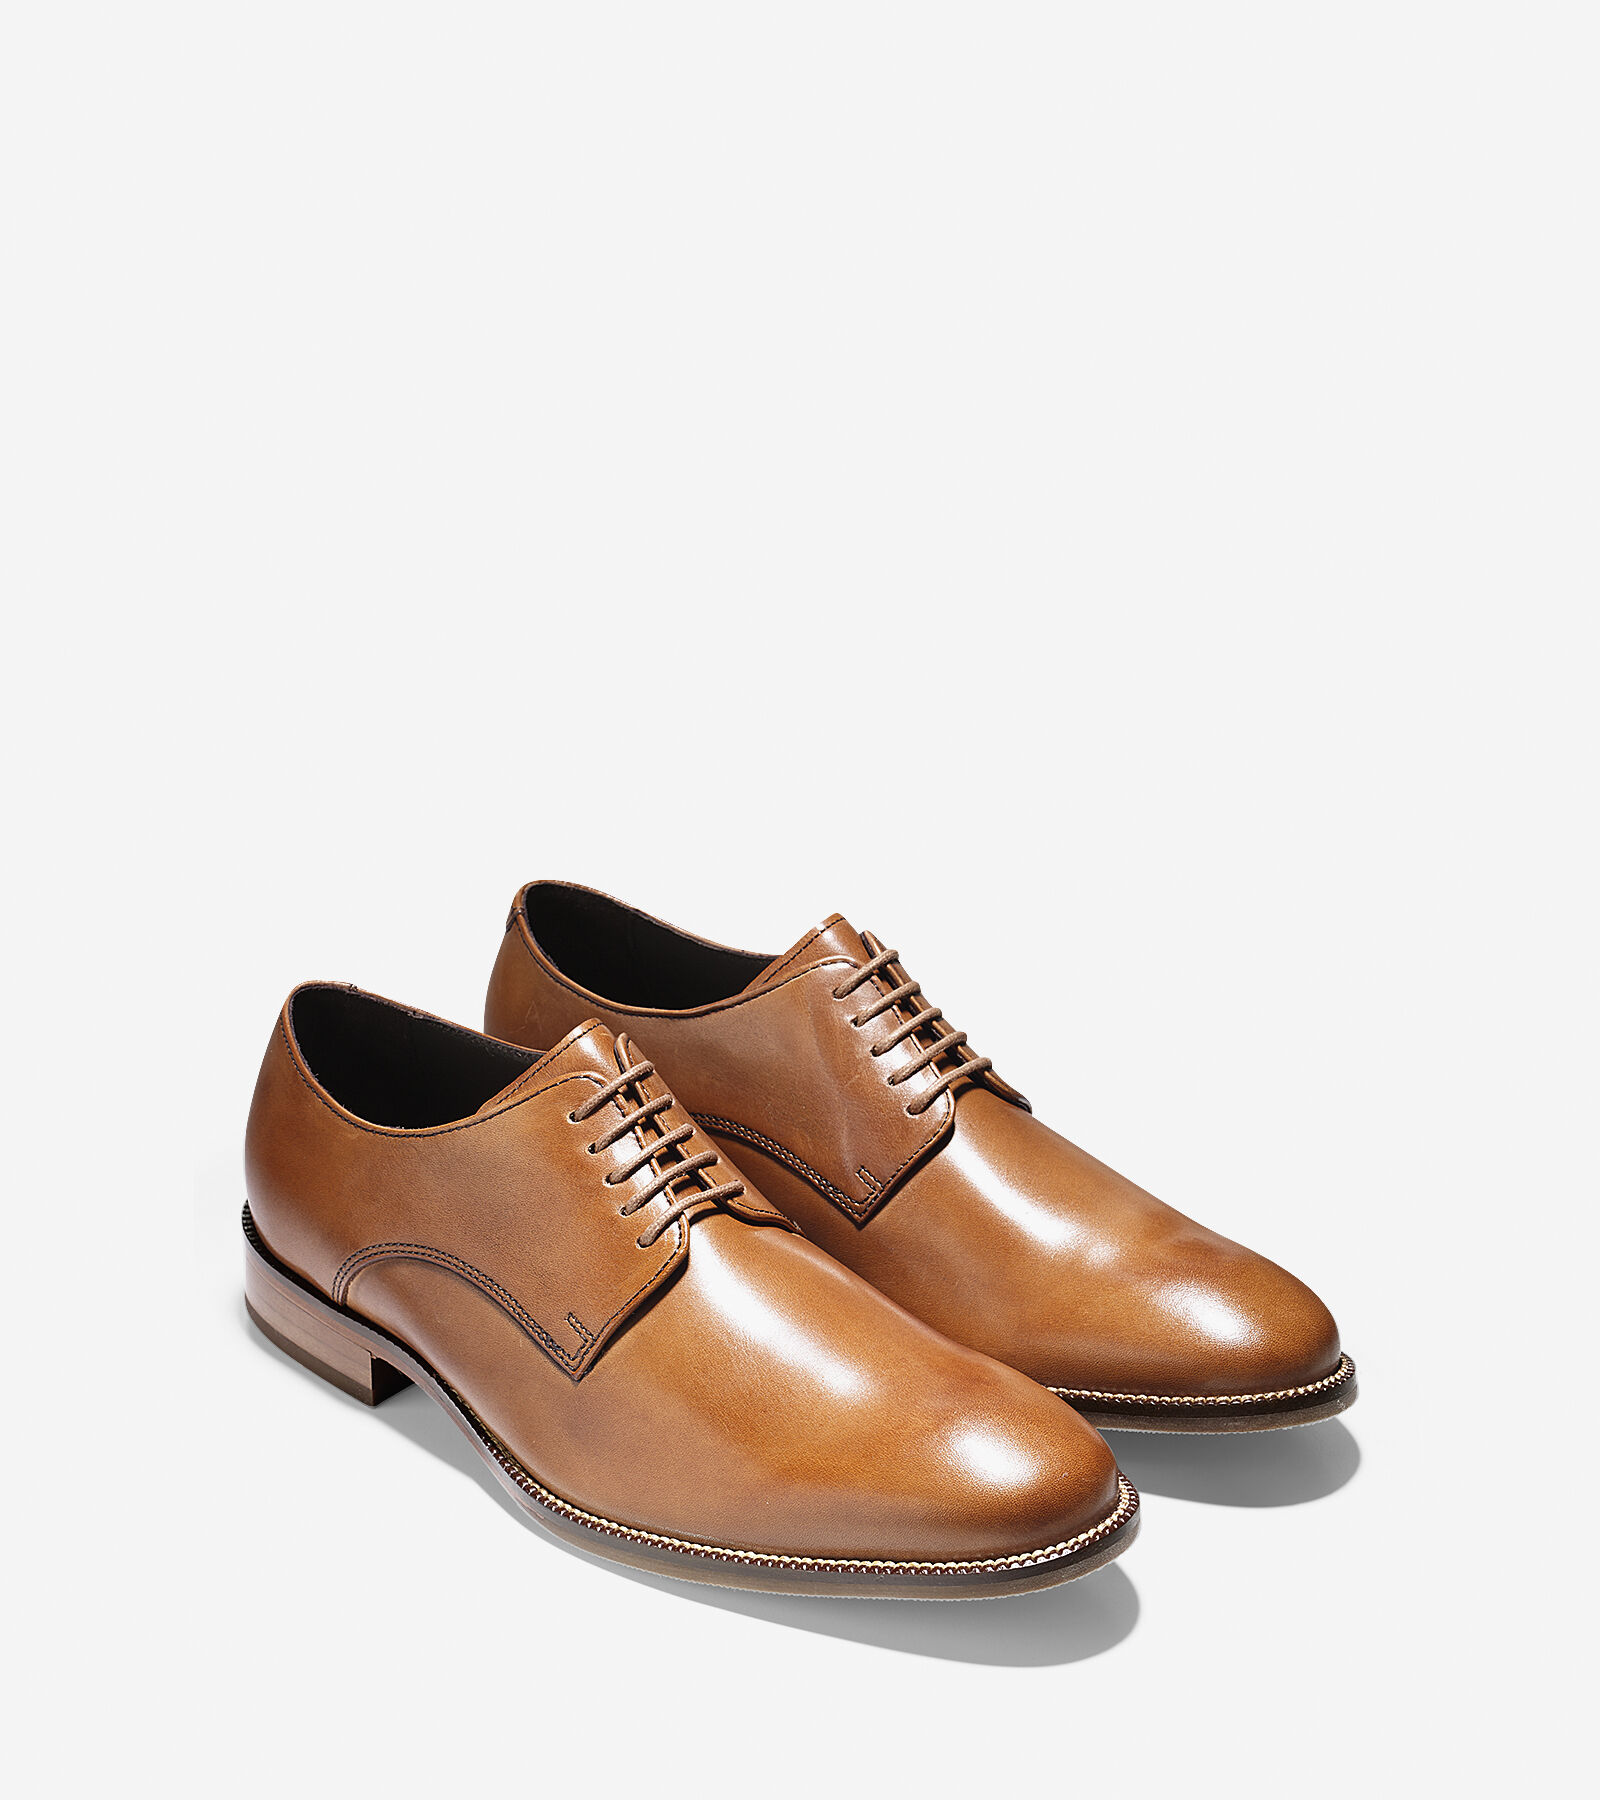 ... Williams Plain Toe Oxford; Williams Plain Toe Oxford. #colehaan